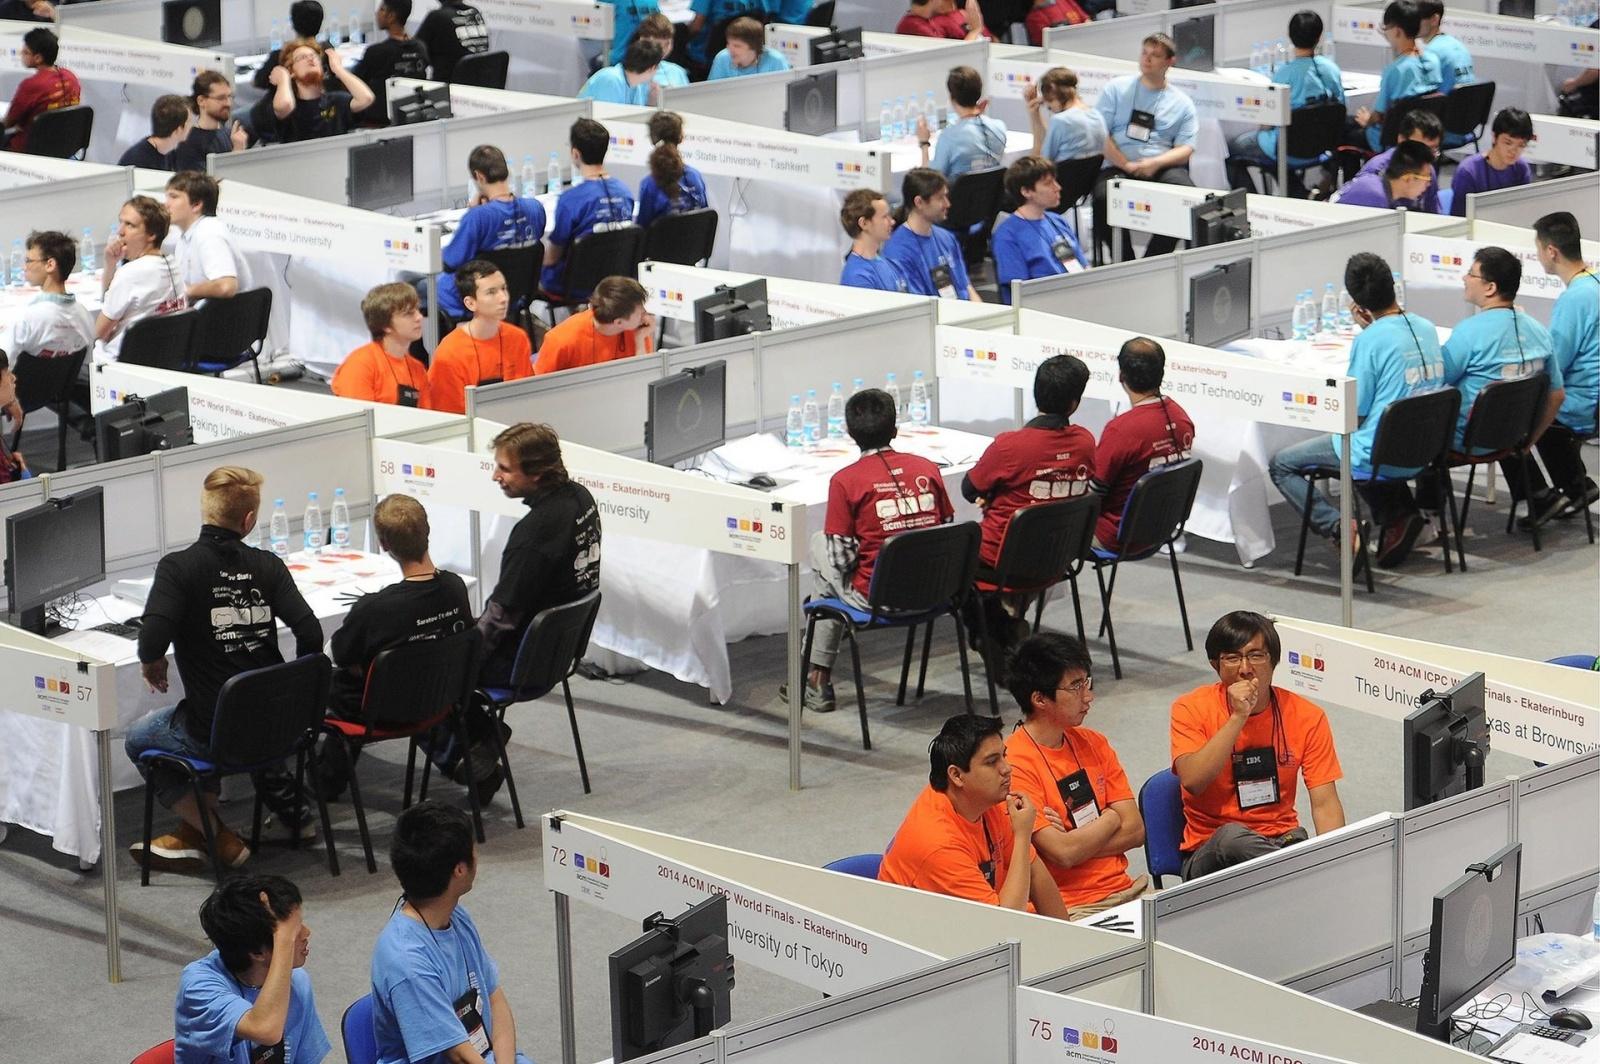 Российские студенты доминируют на олимпиадах по программированию и американские студенты этому не удивлены - 1